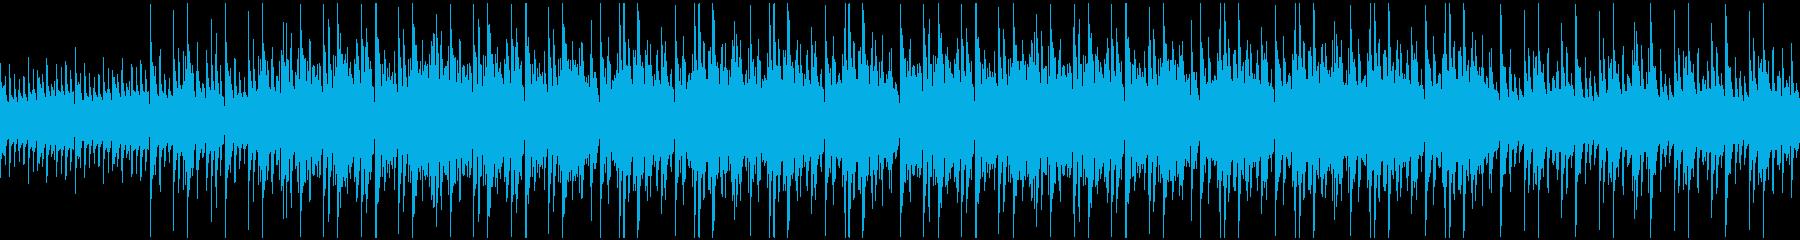 海のシーンなどに。リラックス系音色BGMの再生済みの波形